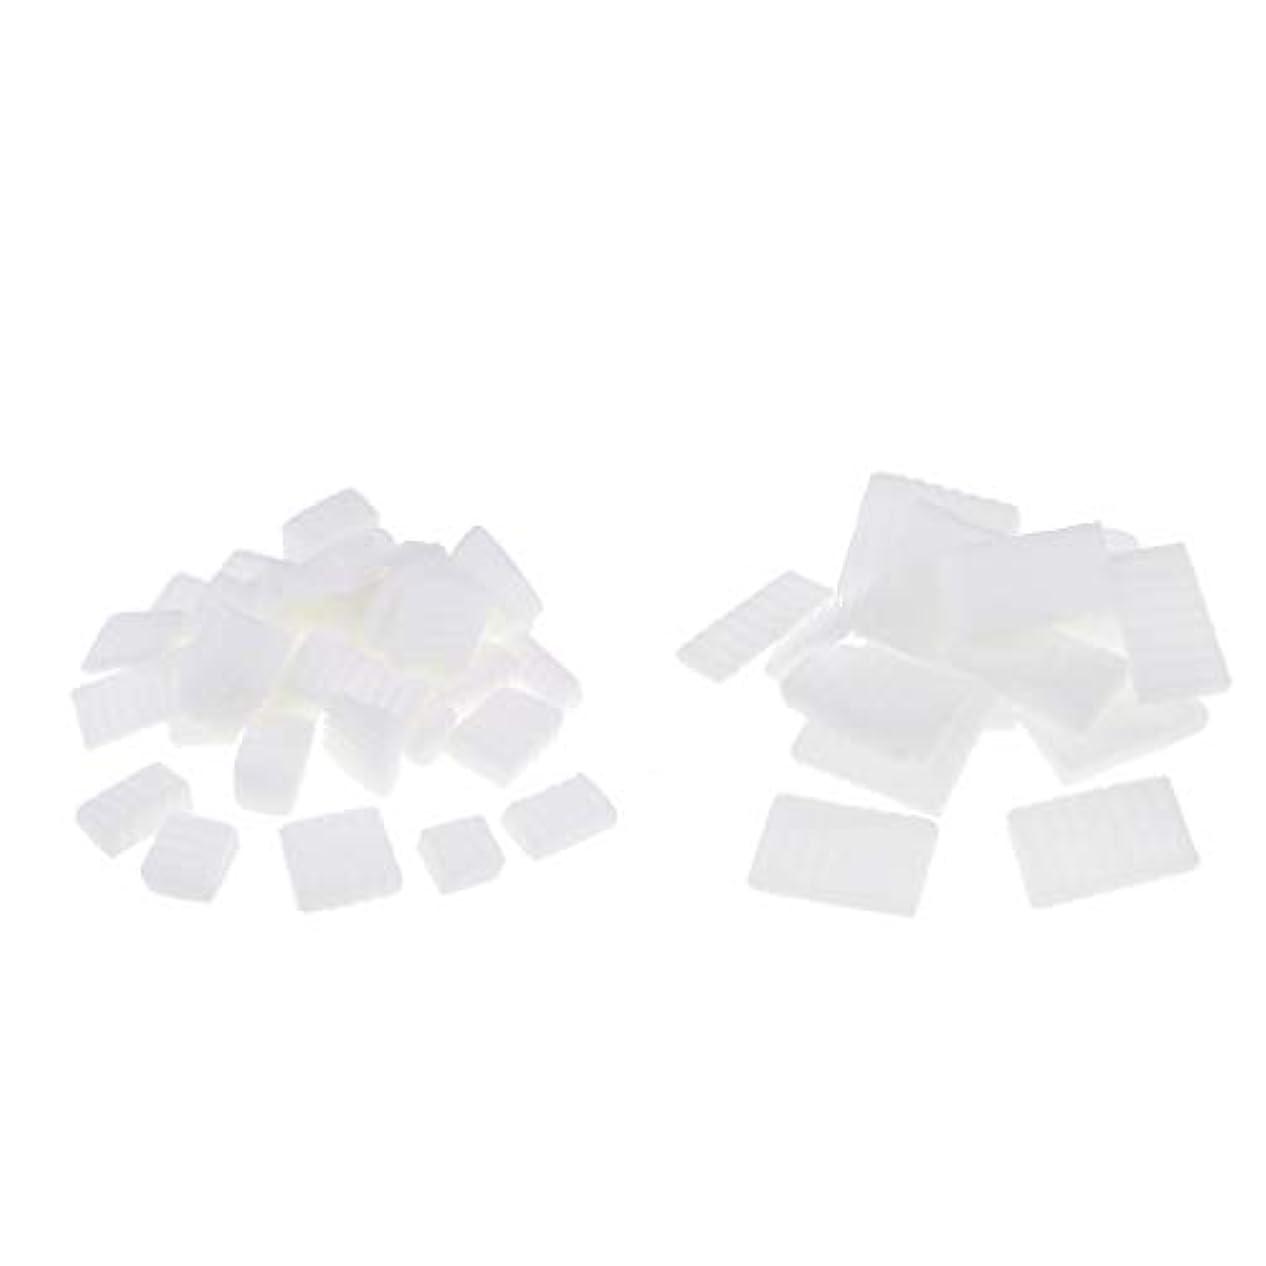 素晴らしいピザスコア石けん素地 石鹸原料 石鹸キット材料 自由研究 小学生 夏休み 工作 白い 1500g入り